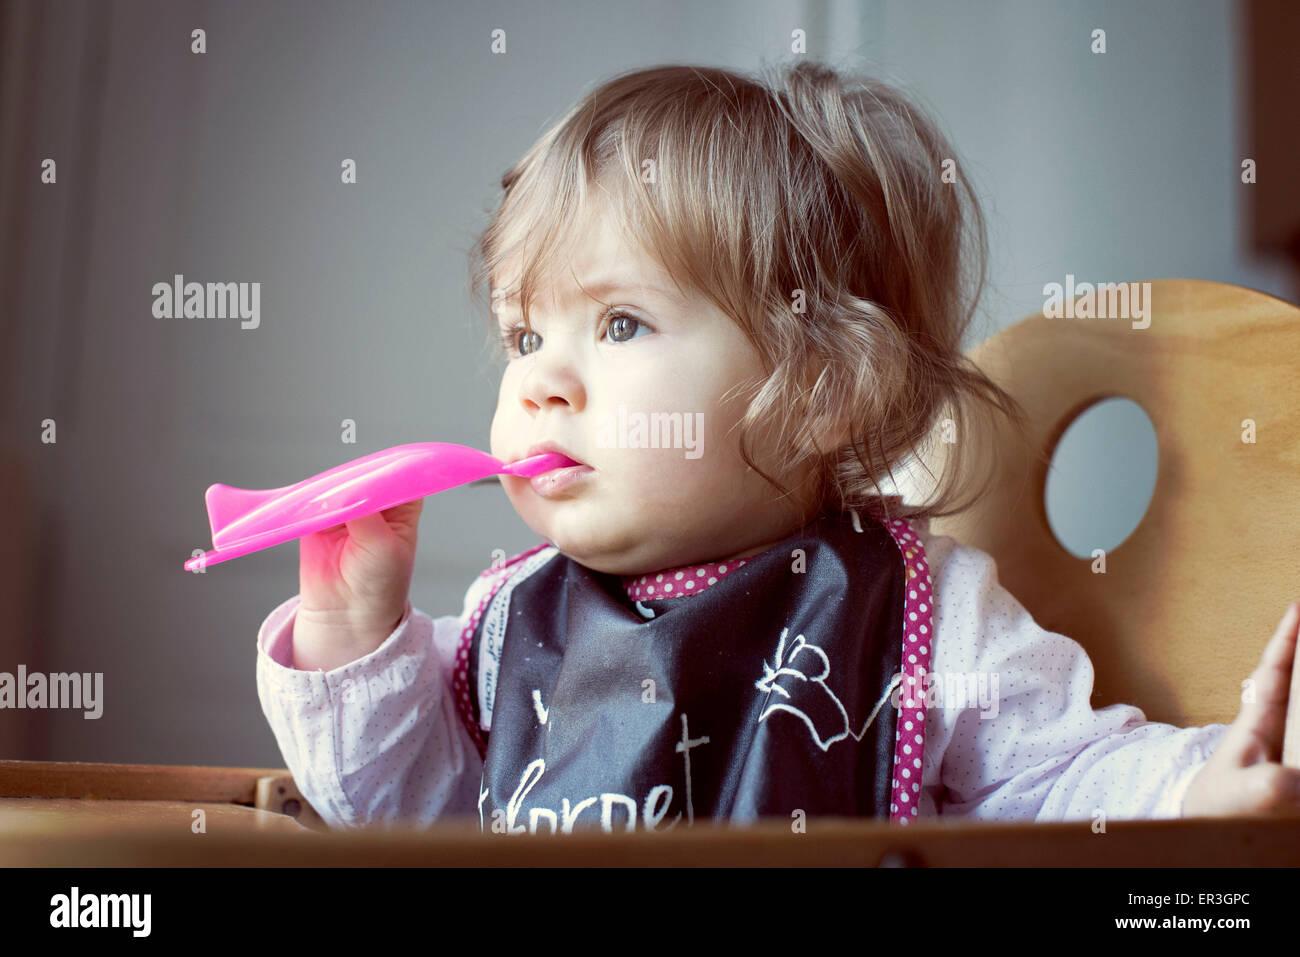 Baby girl feeding herself - Stock Image